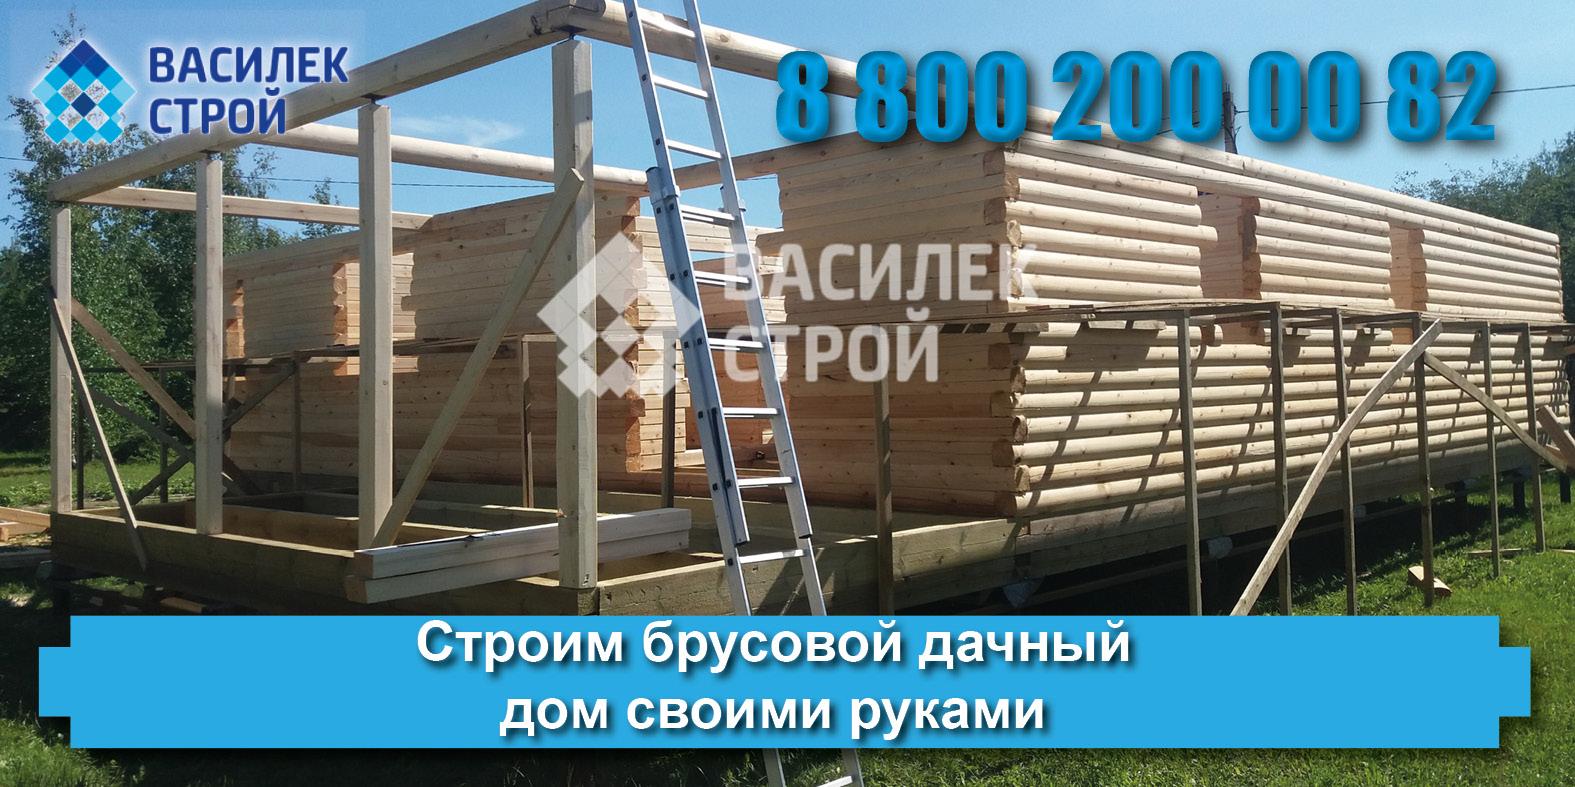 Как правильно построить брусовые дачные дома